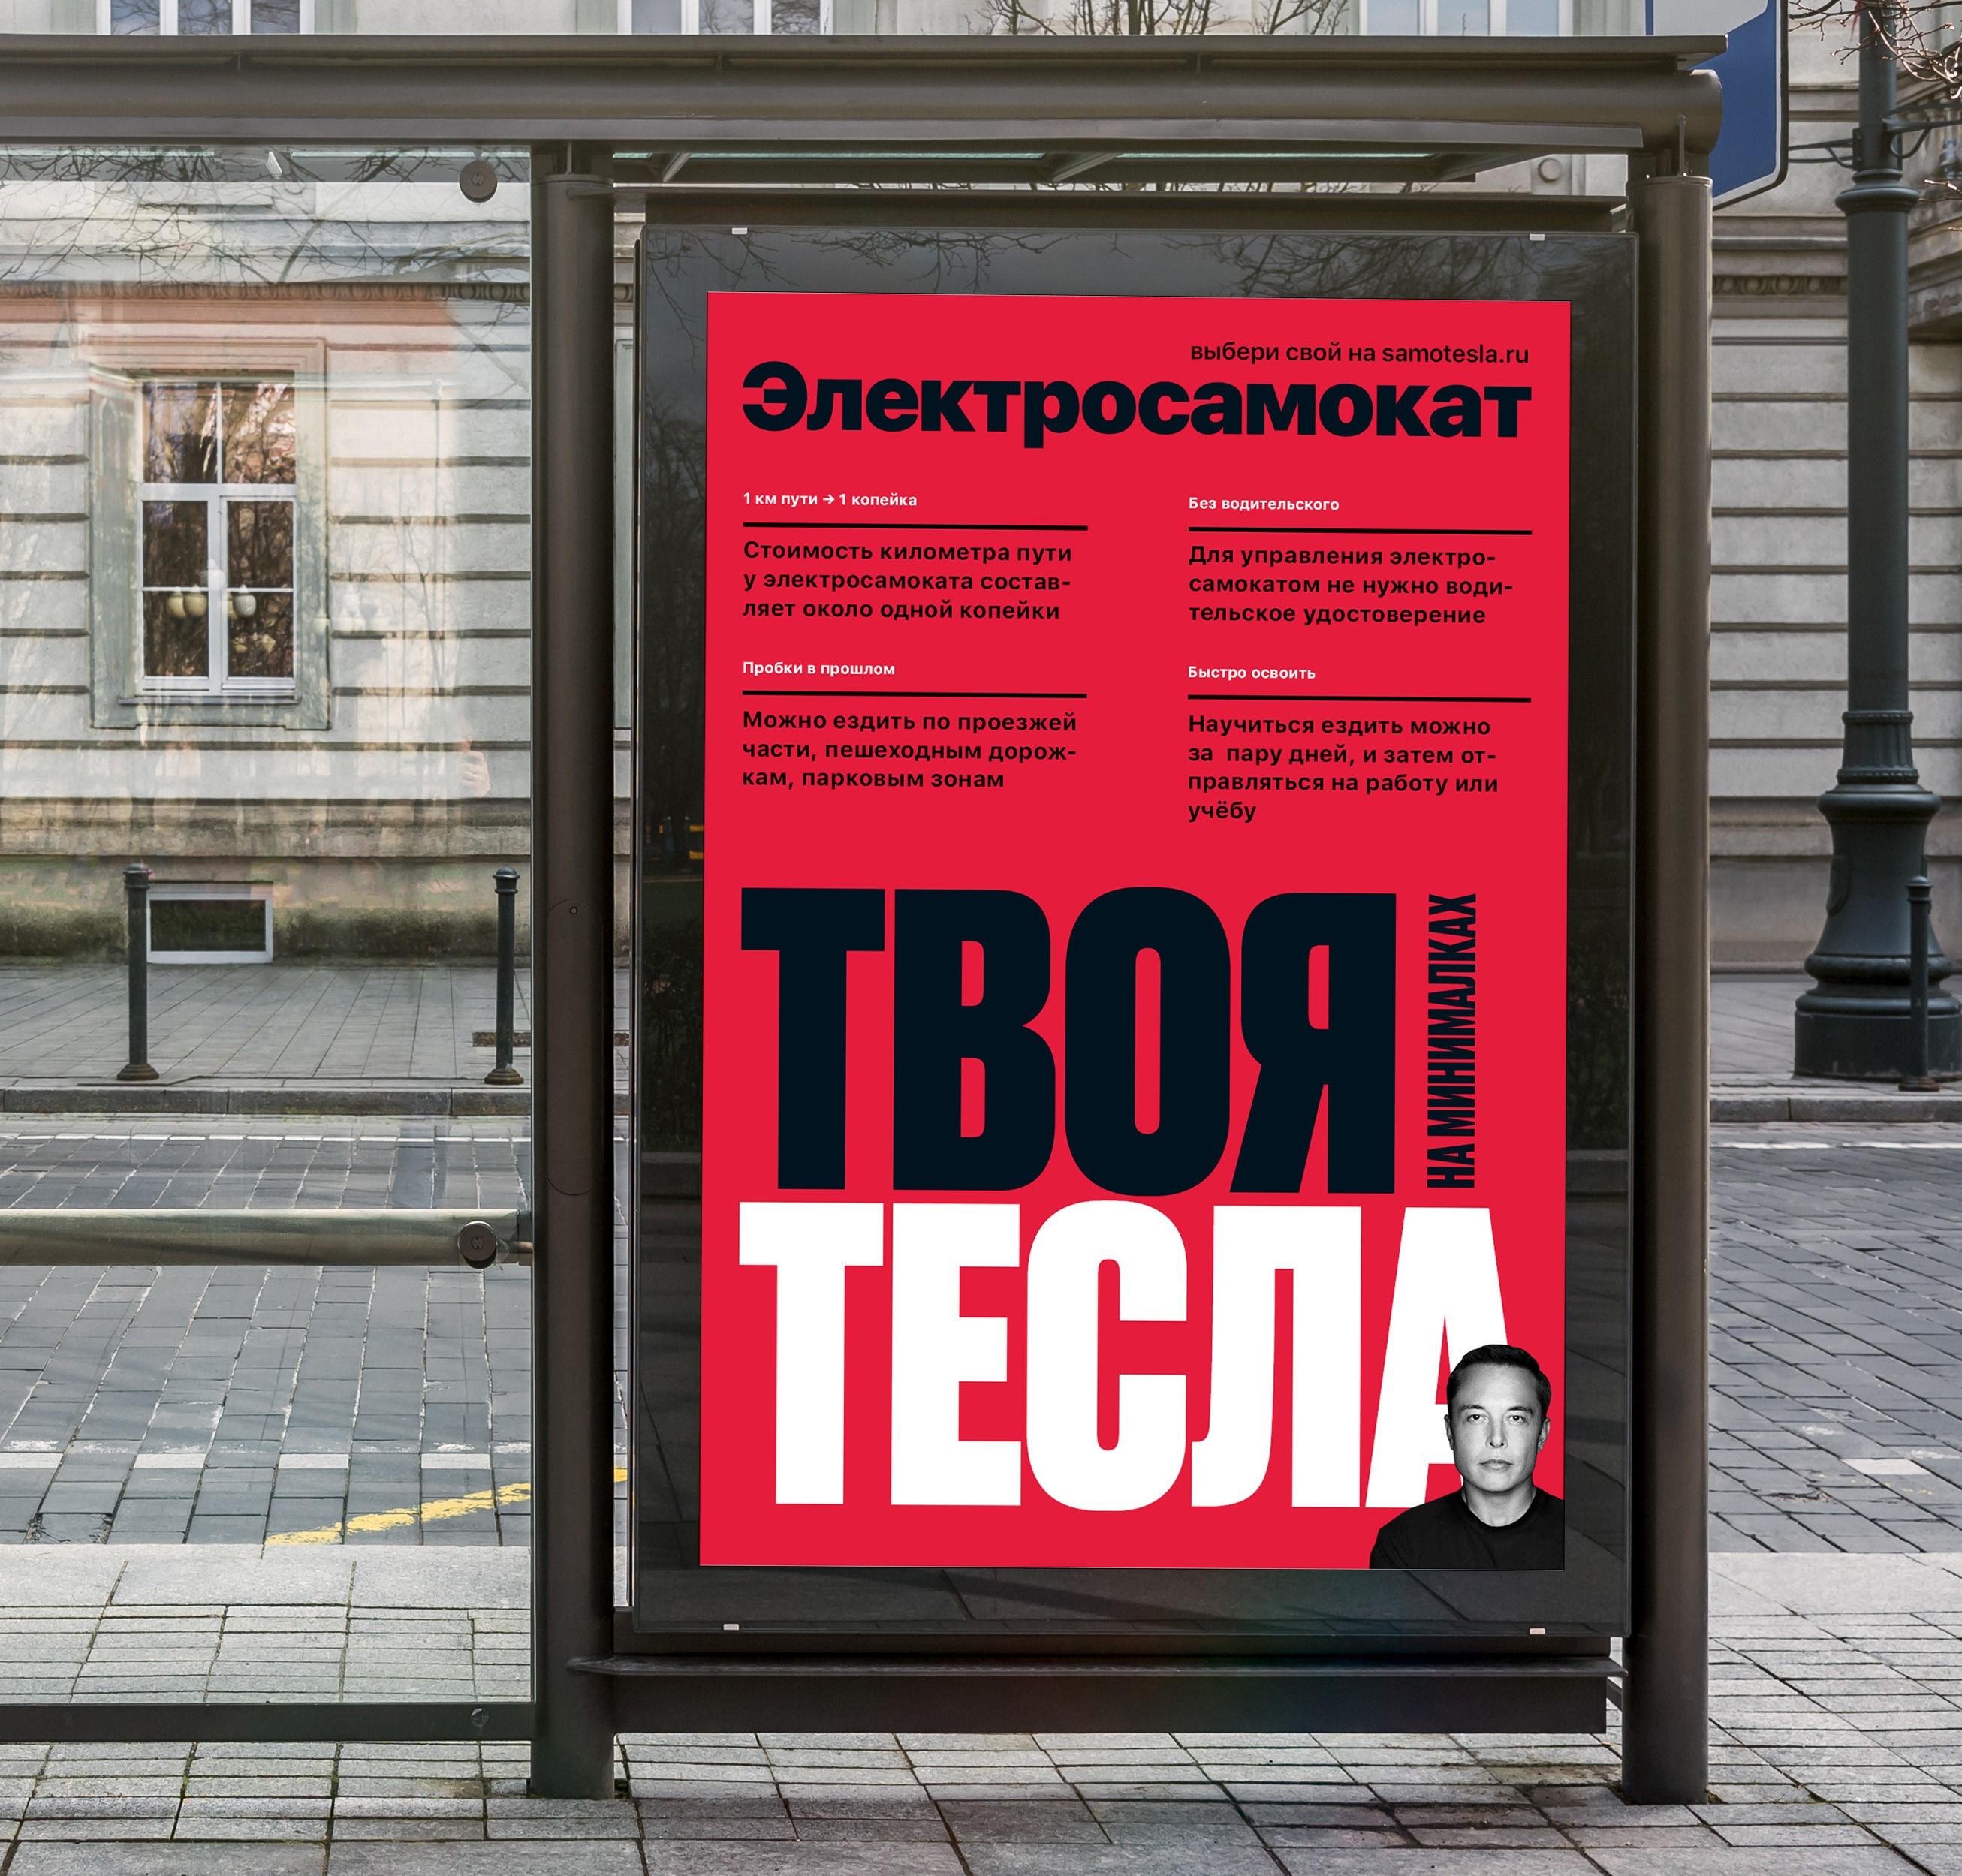 Рекламный постер про электросамокат